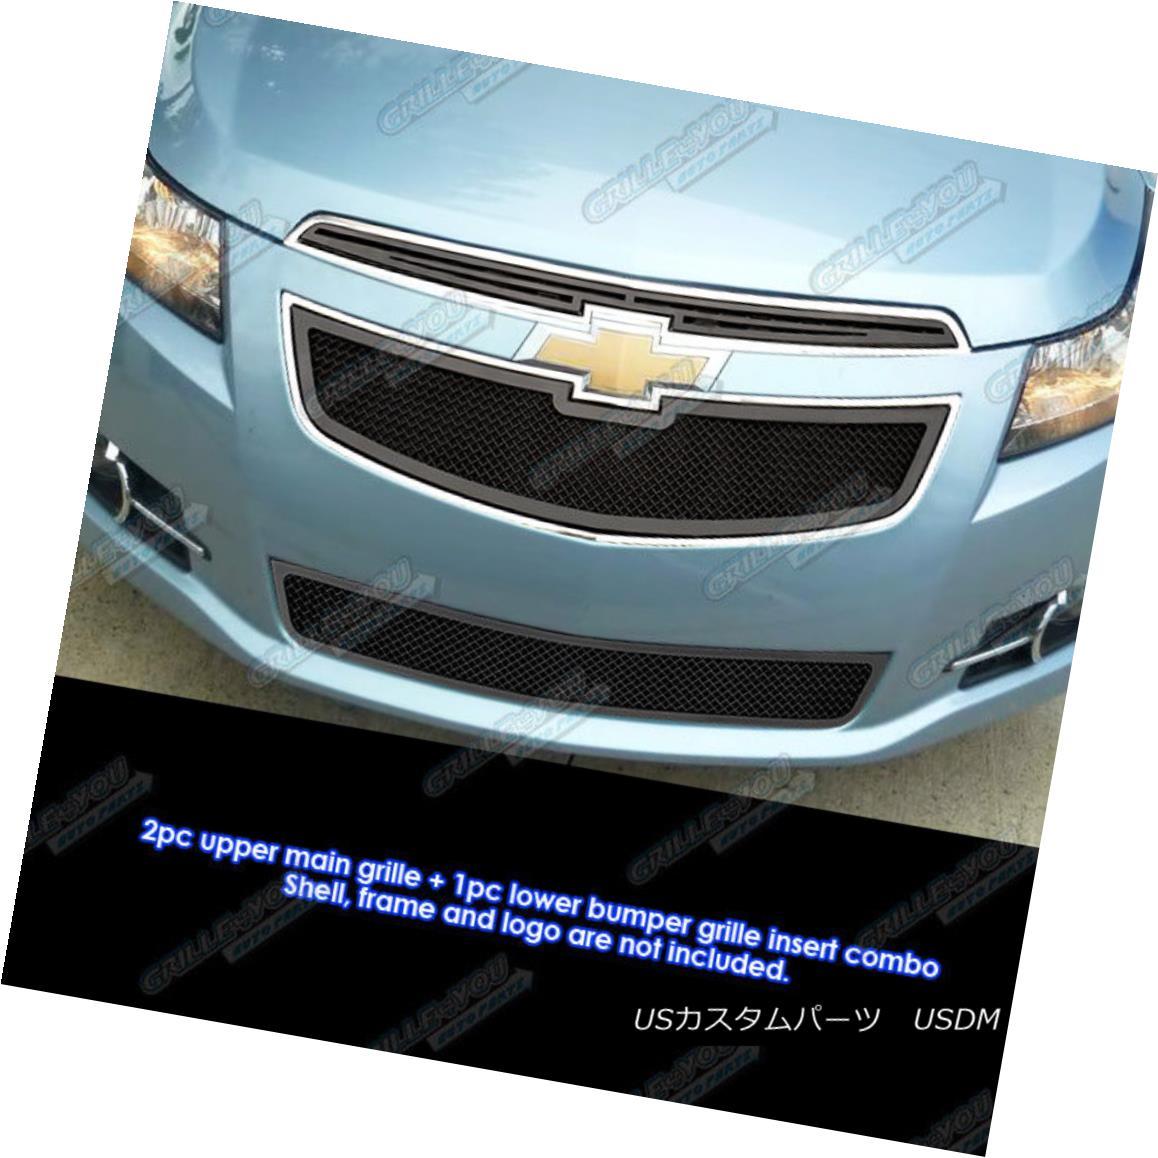 グリル Fits 2011-2014 Chevy Cruze LT/LTZ RS package & Turbo Black Stainless Grill Combo 2011年?2014年のChevy Cruze LT / LTZ RSパッケージ& ターボブラックステンレスグリルコンボ